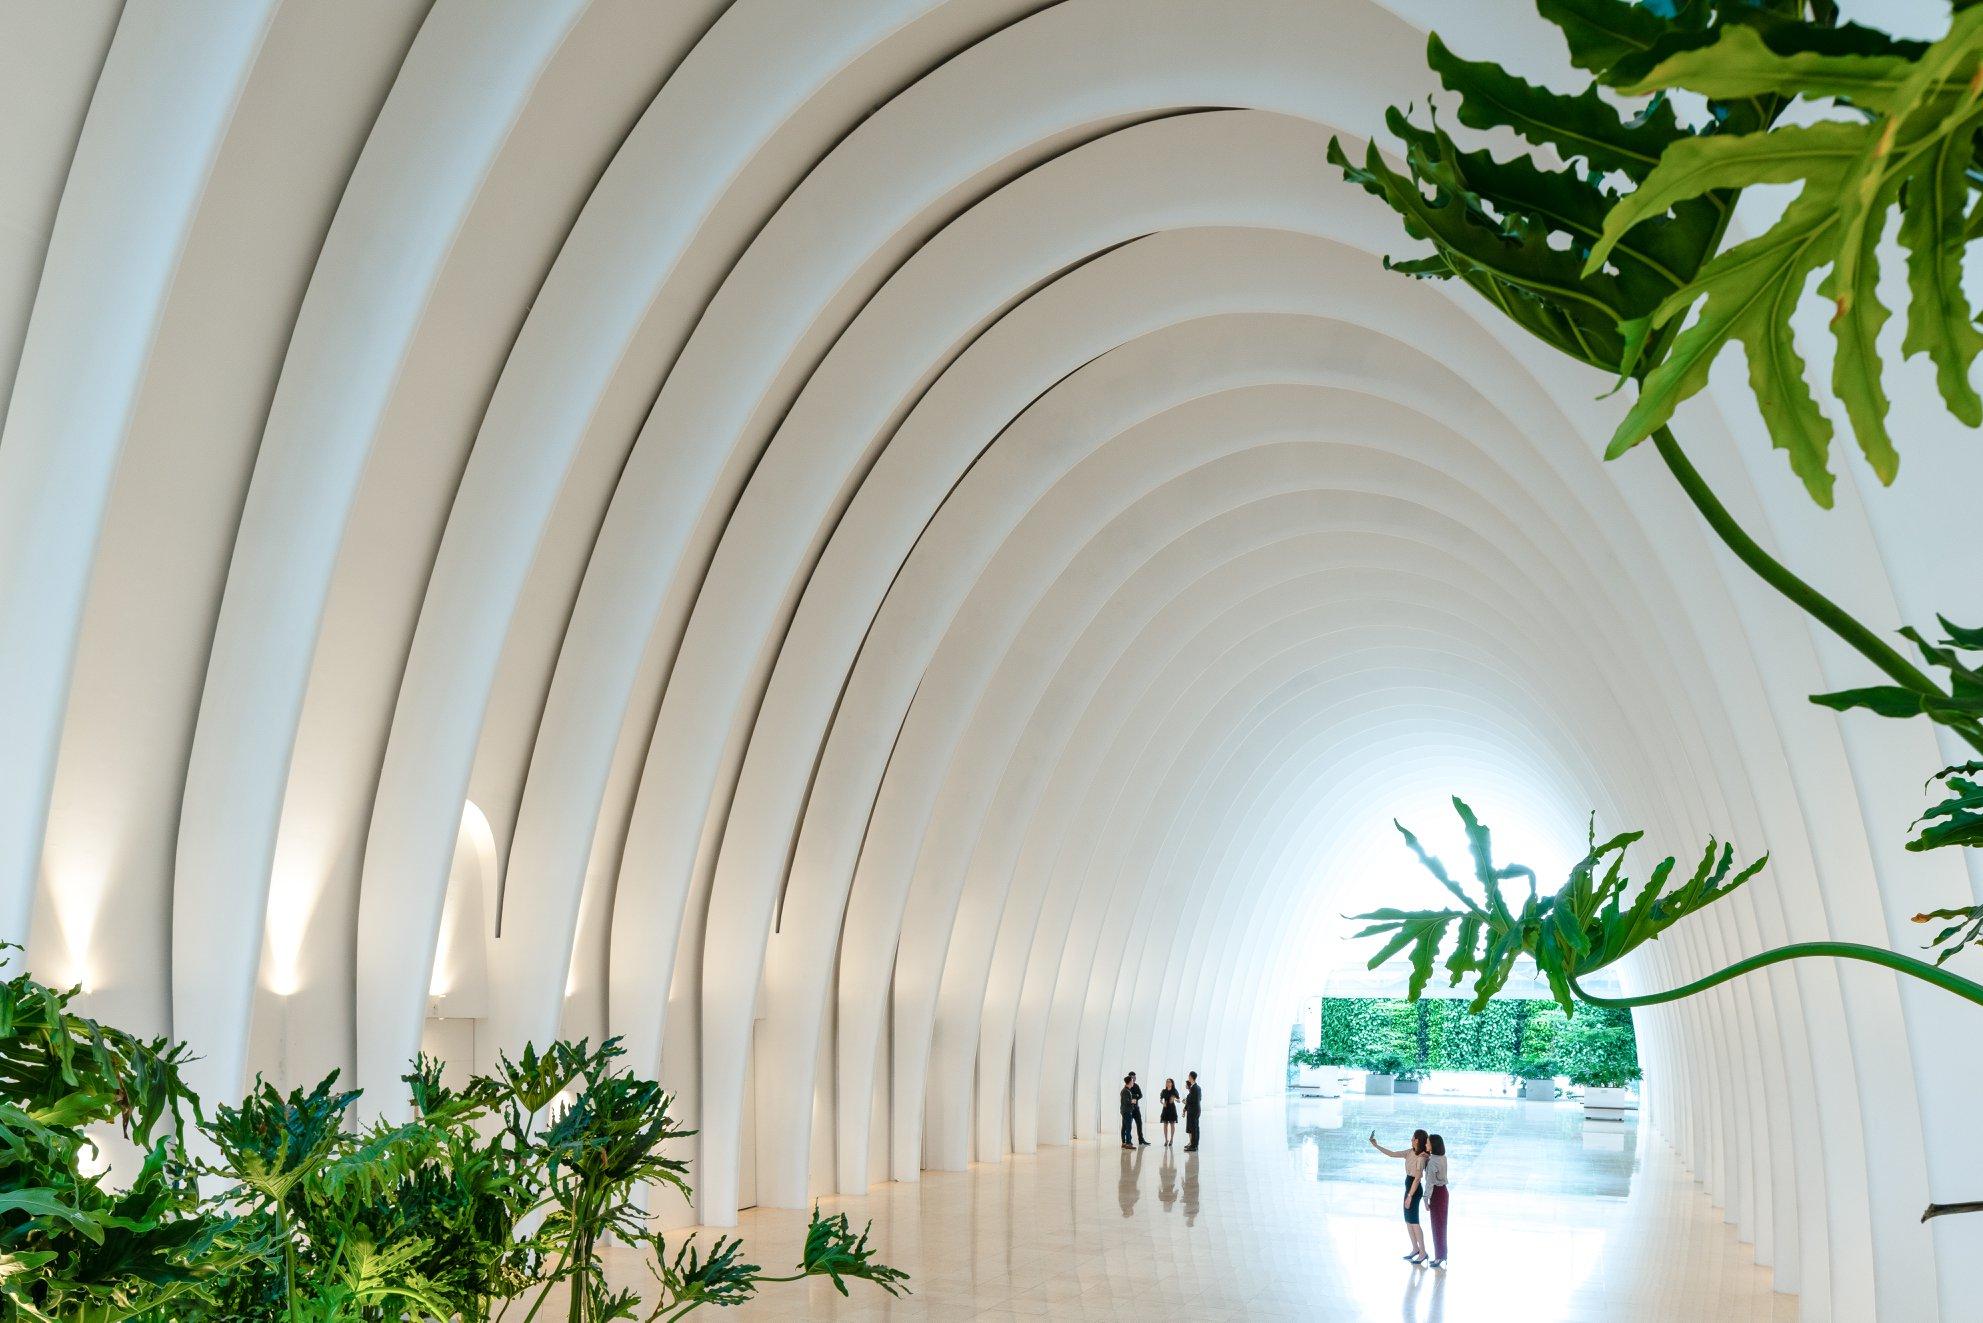 Thiết kế mái vòm vòng cung trắng muốt đan xen cùng mảng xanh thiên nhiên tại khu vực Ivory Lobby